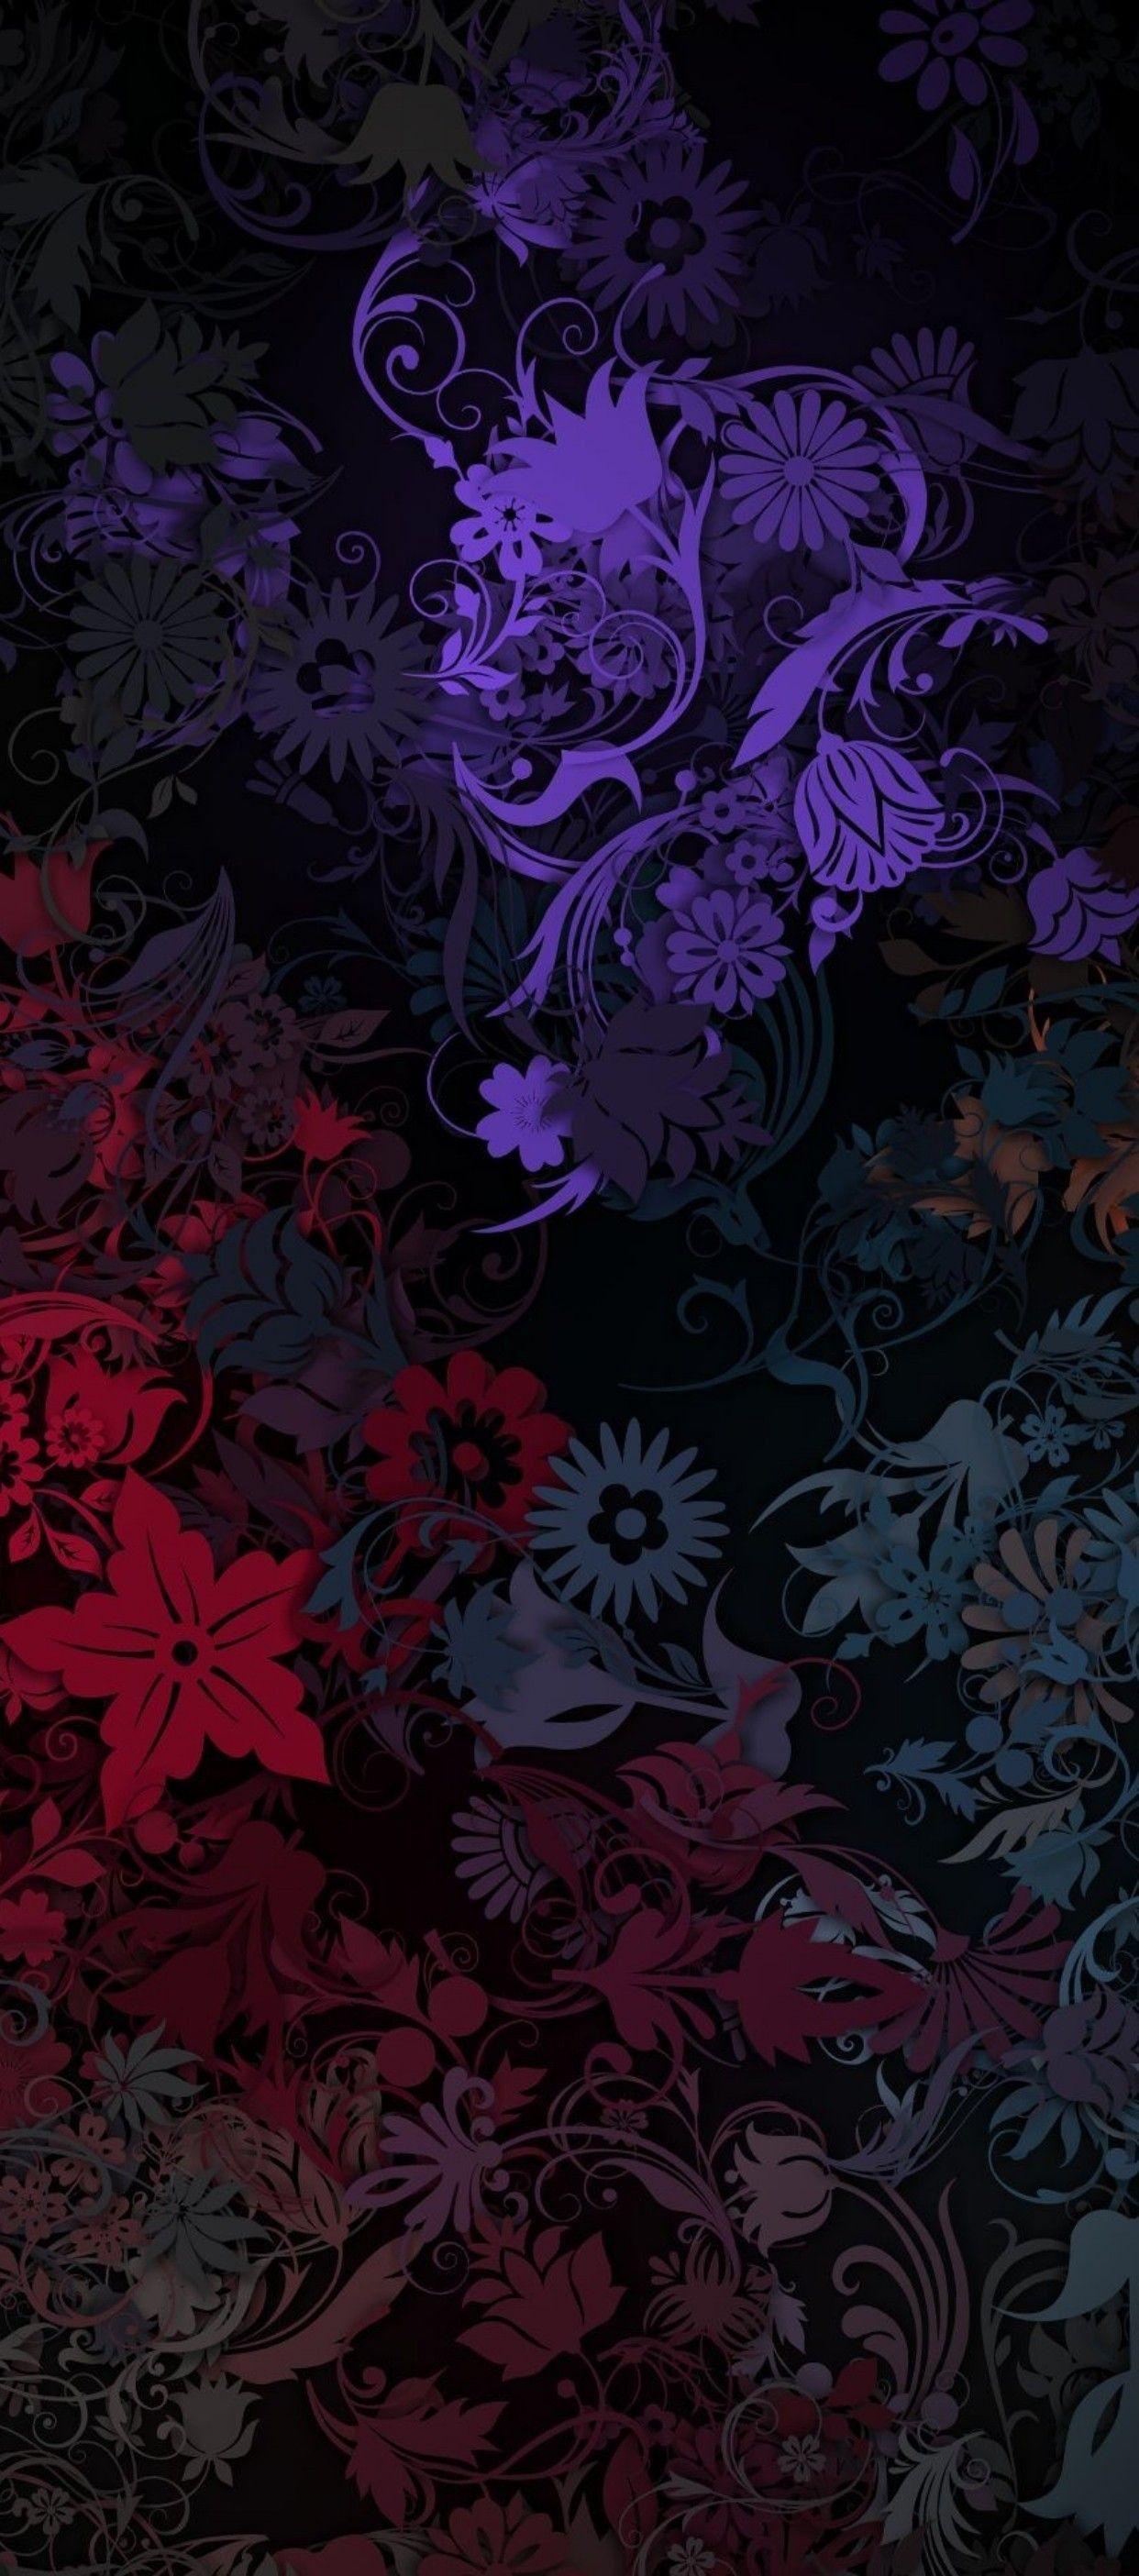 Épinglé par Tara sur Wallpaper Fond d'écran animé iphone